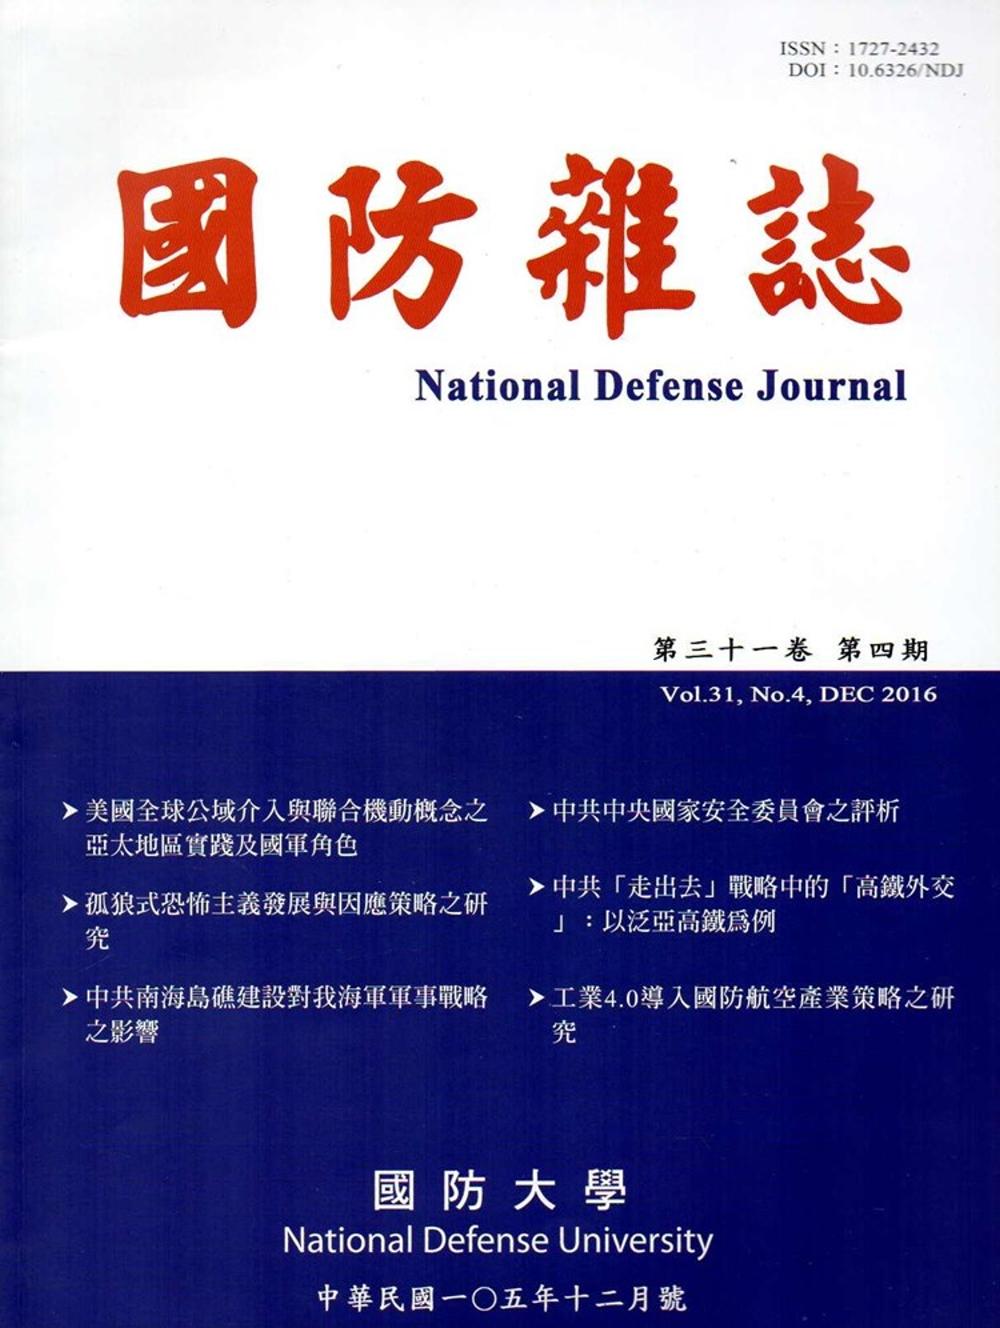 國防雜誌季刊第31卷第4期(2016.12)